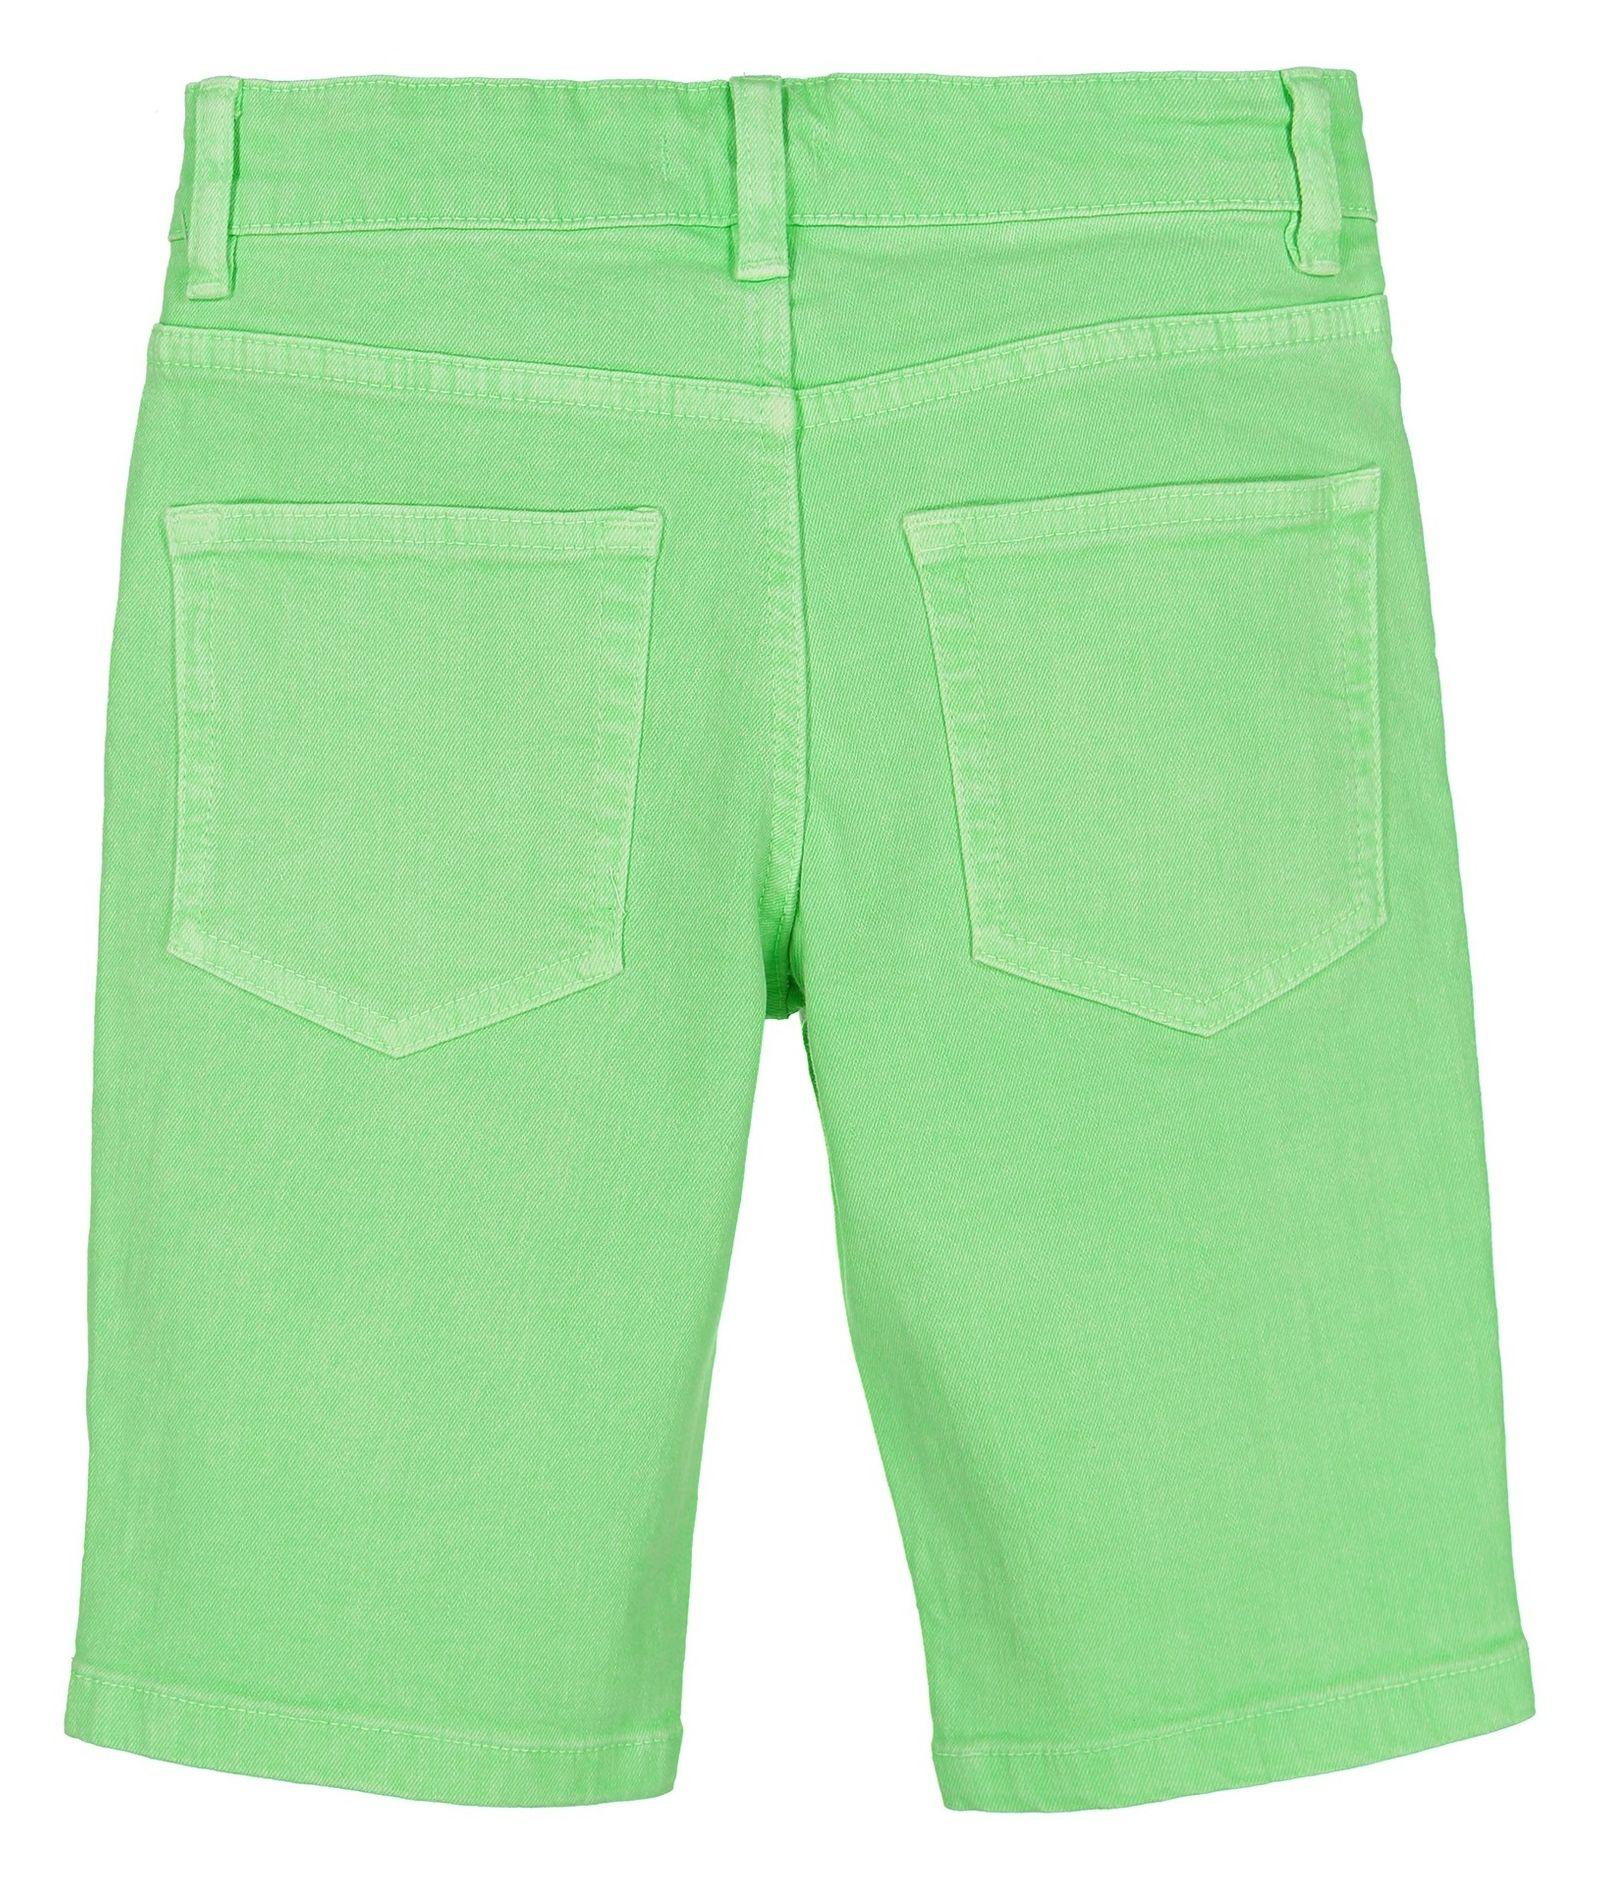 شلوارک جین راسته پسرانه - بلوزو - سبز روشن - 2